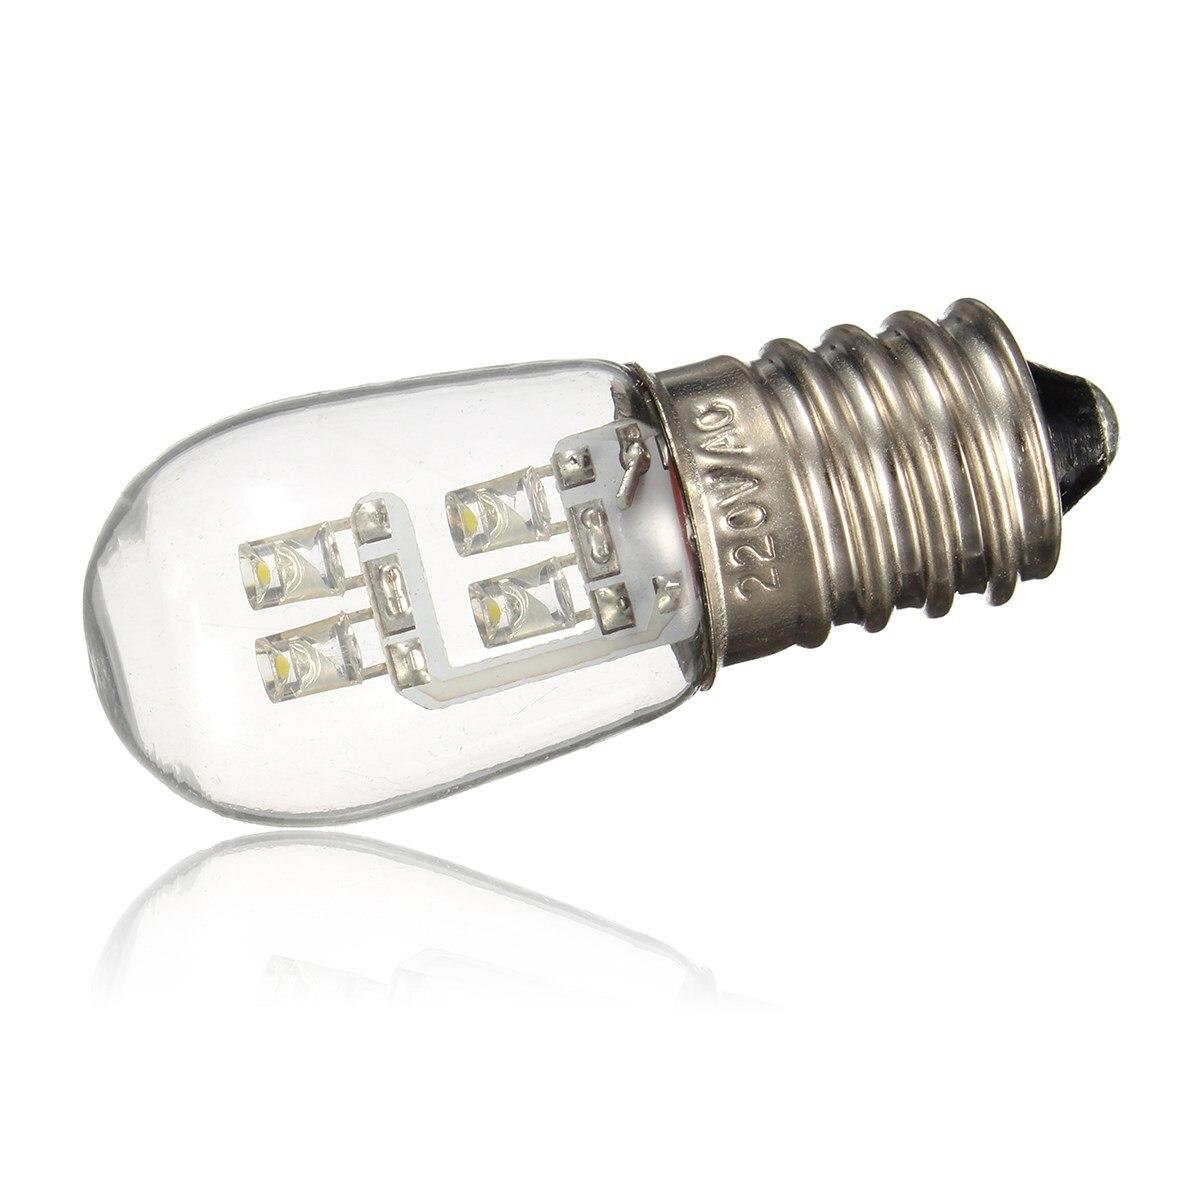 e12 base led bulbs